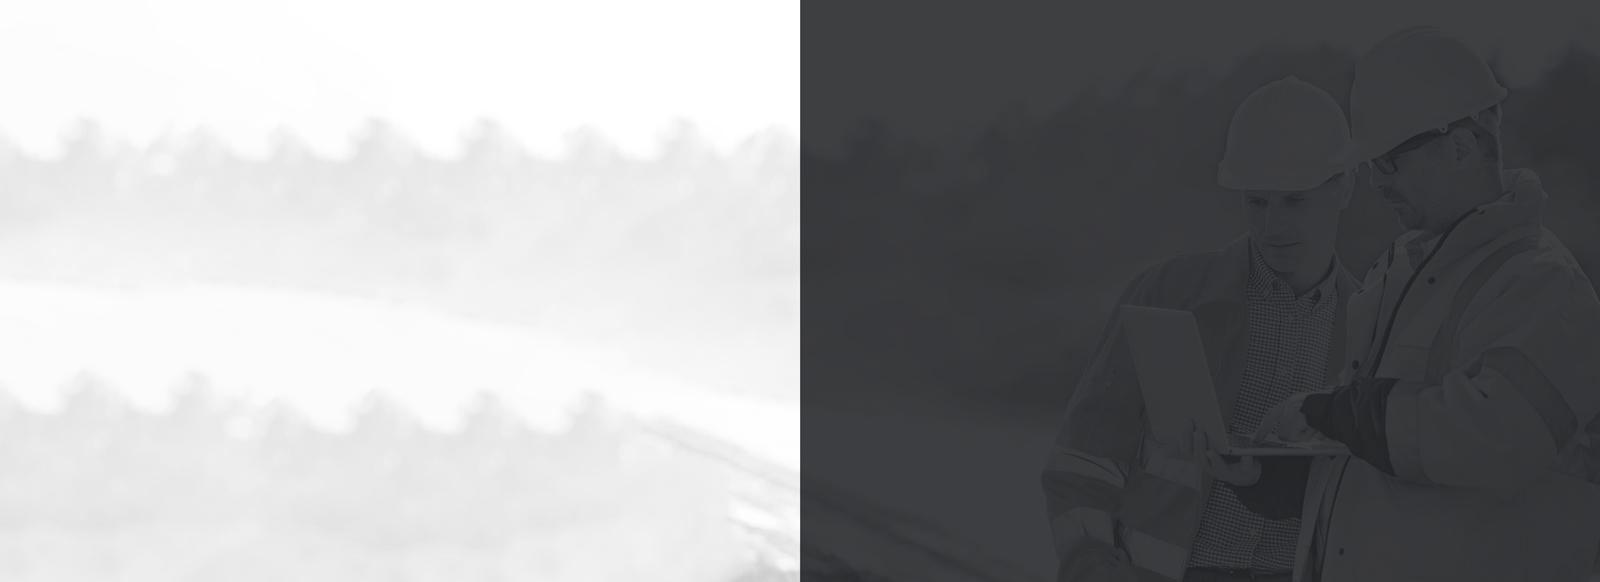 WHMIS-Benefits-Background